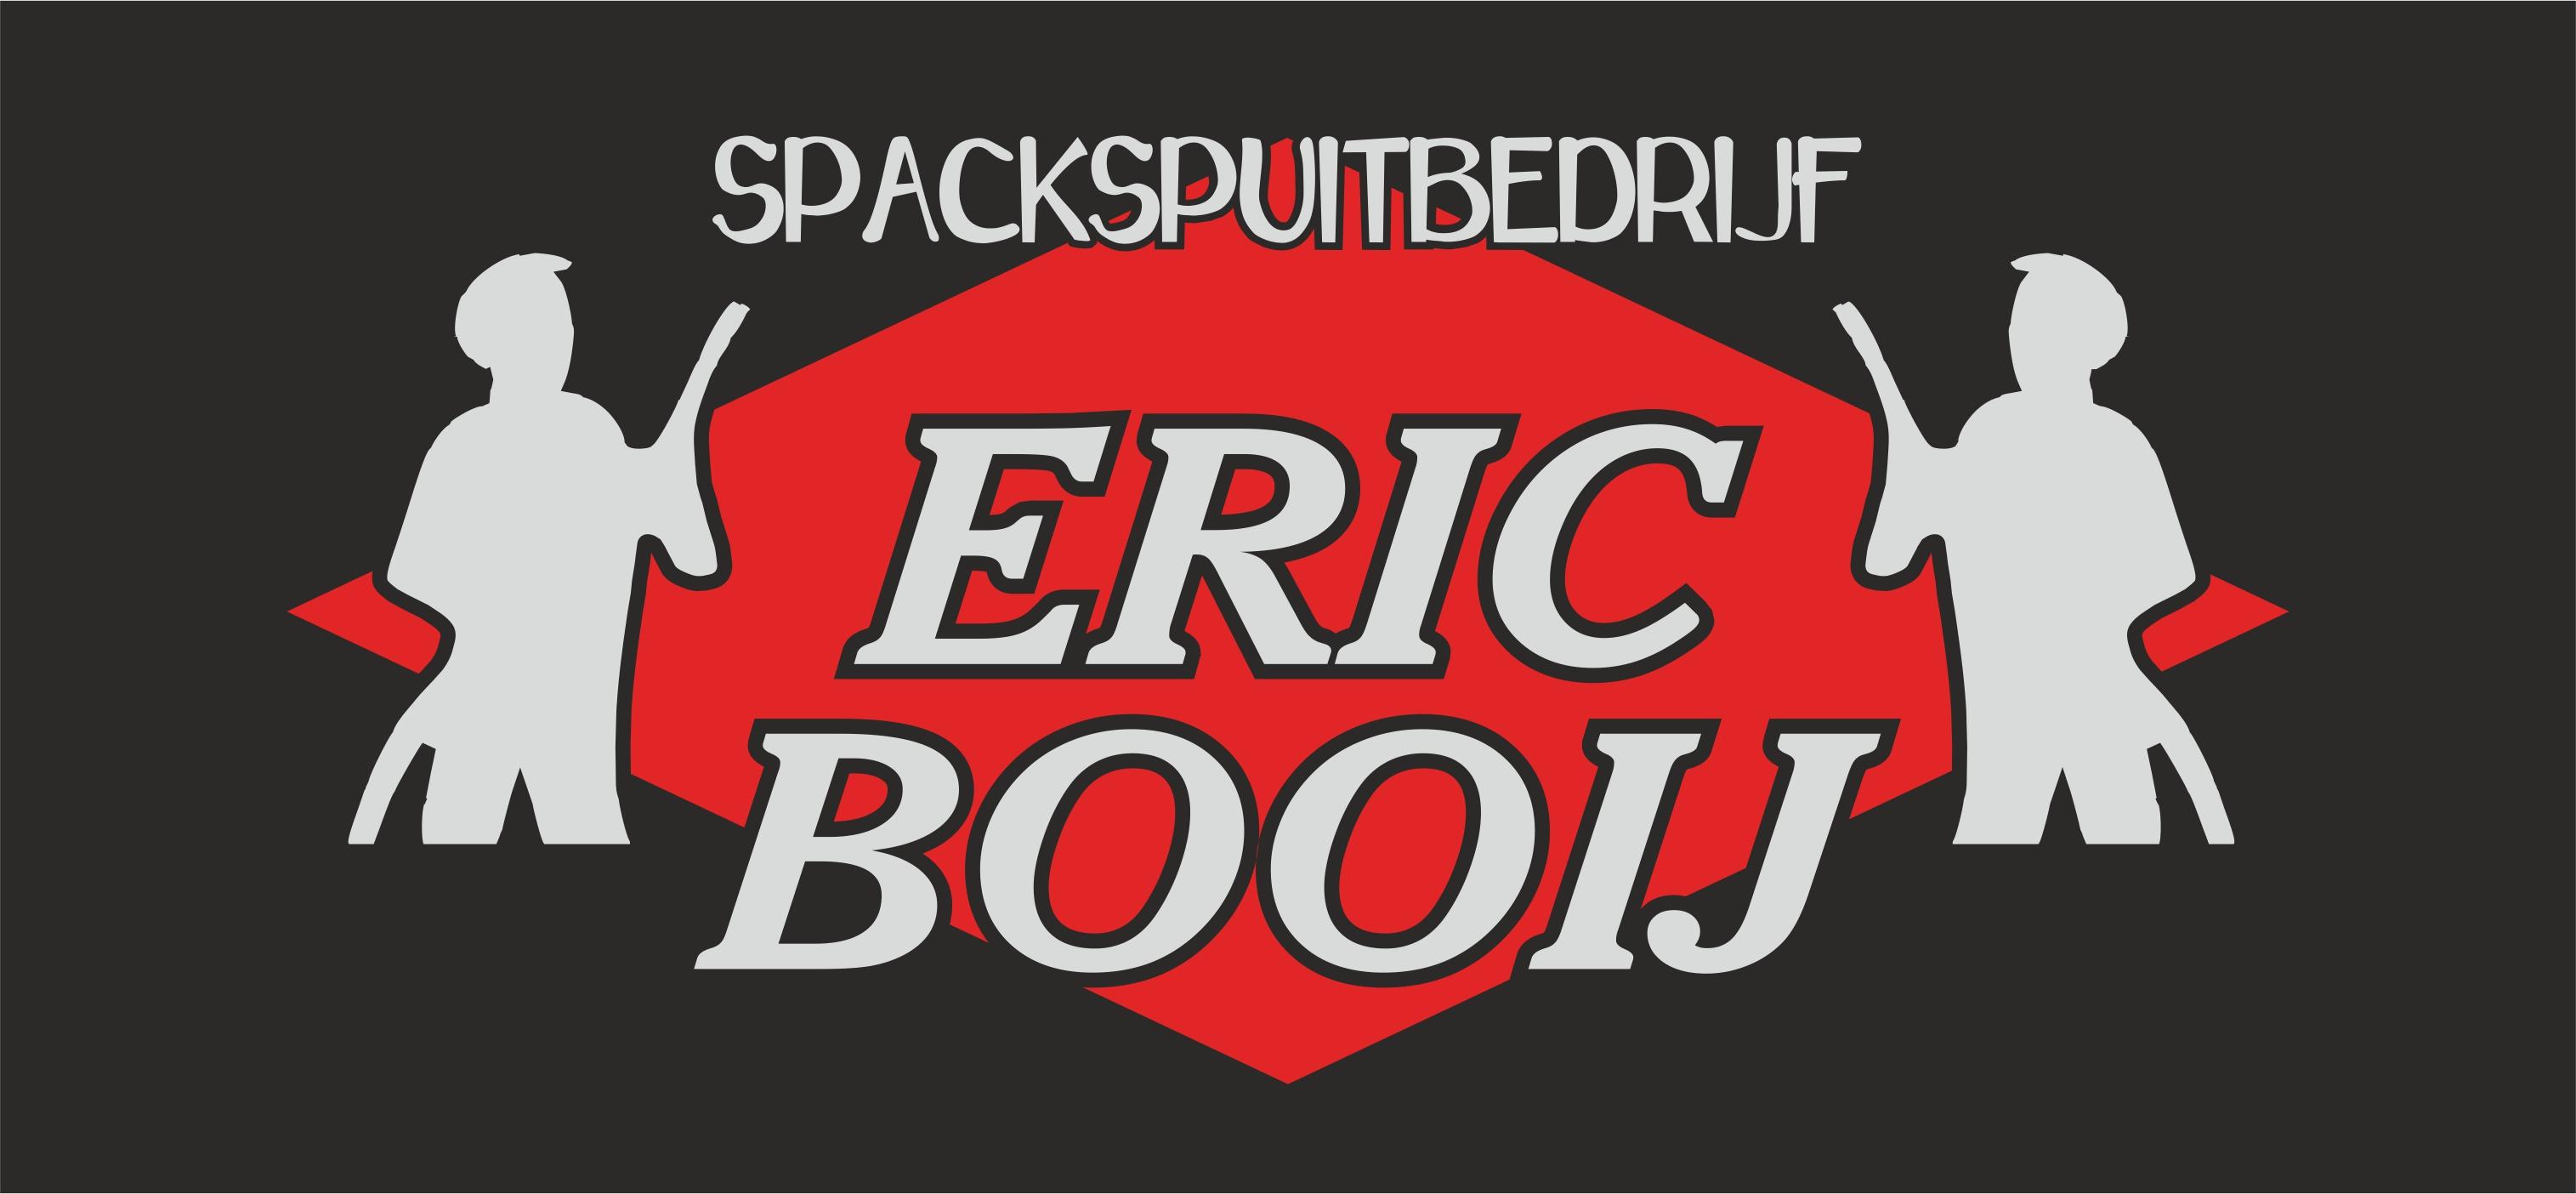 Spackspuitbedrijf - Eric Booij